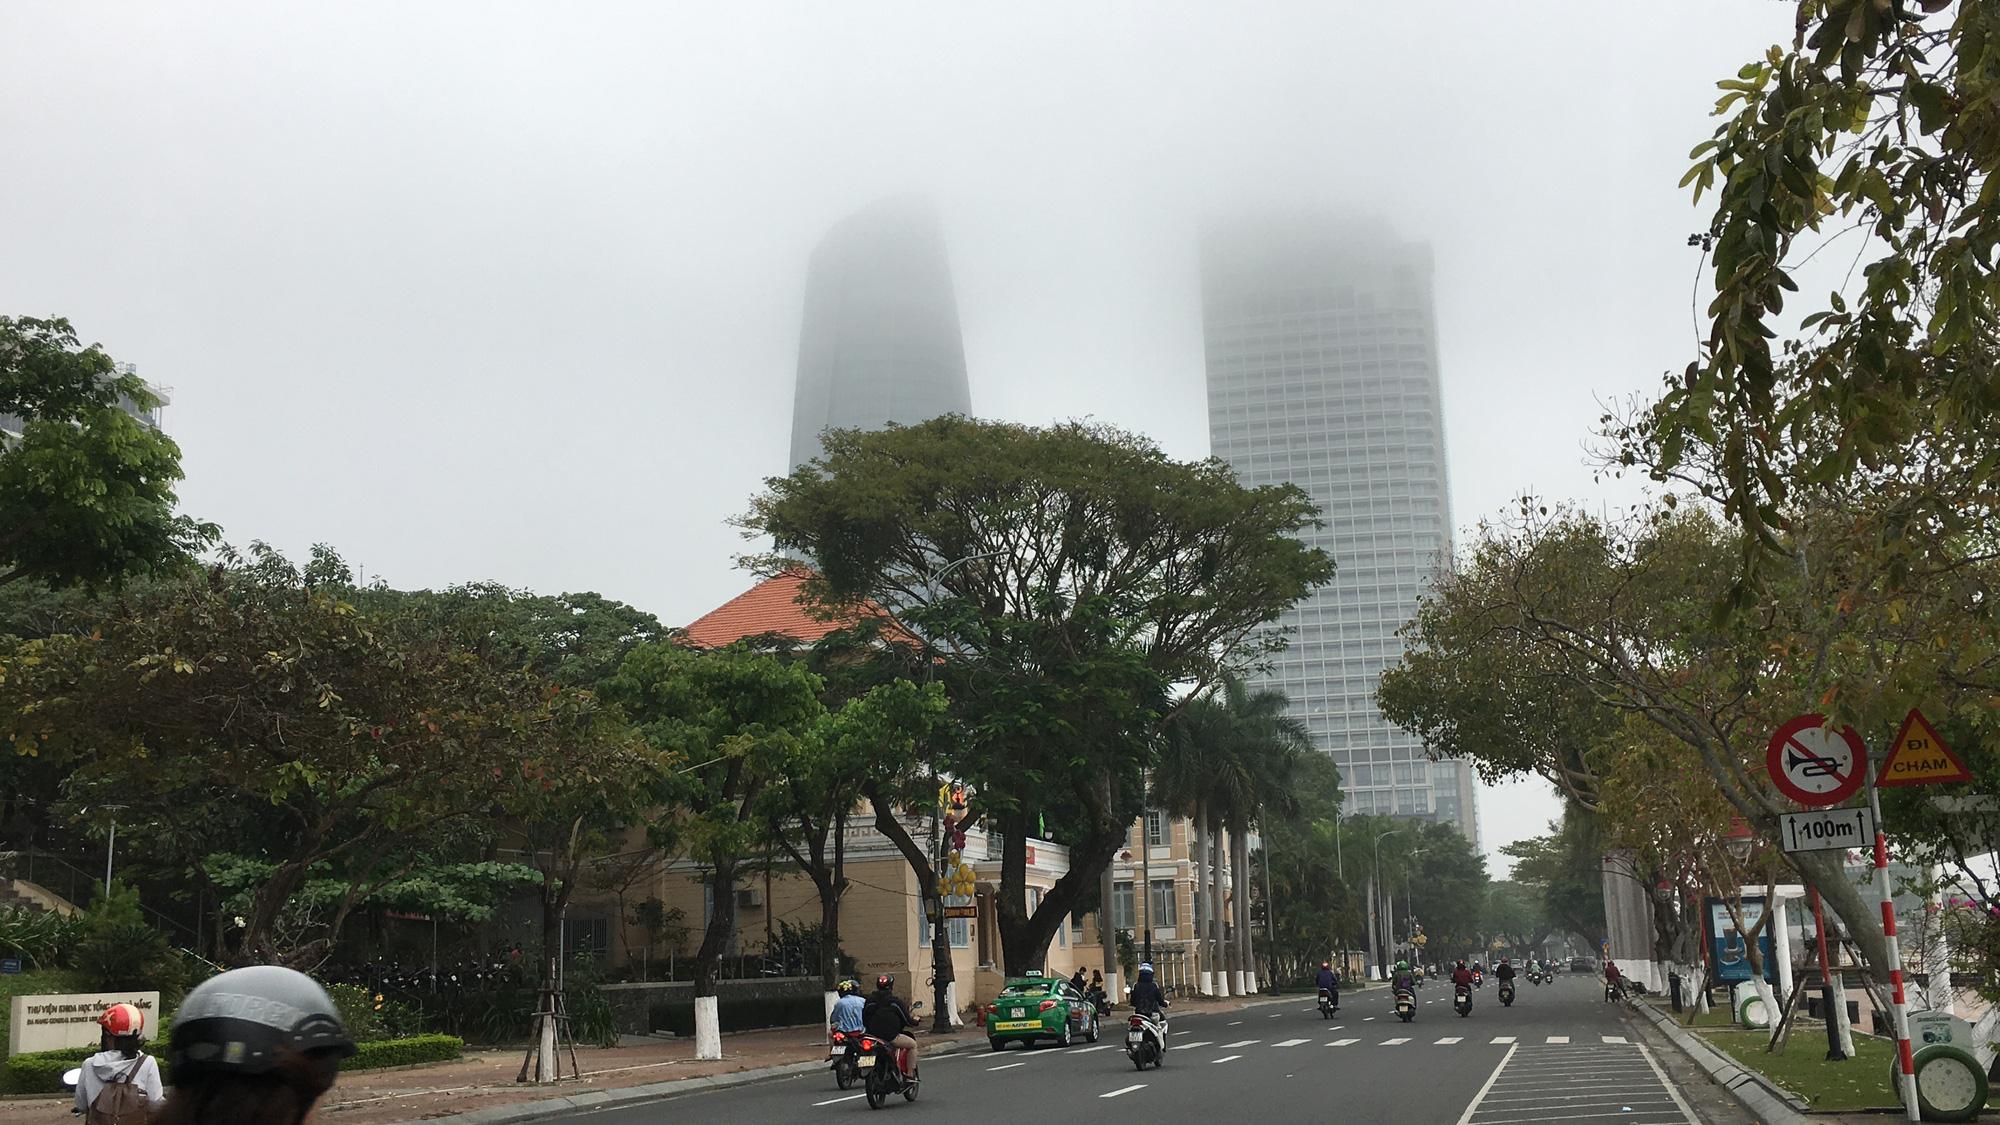 Đà Nẵng chìm trong sương mù dày đặc dù đã gần 9 giờ sáng - Ảnh 2.